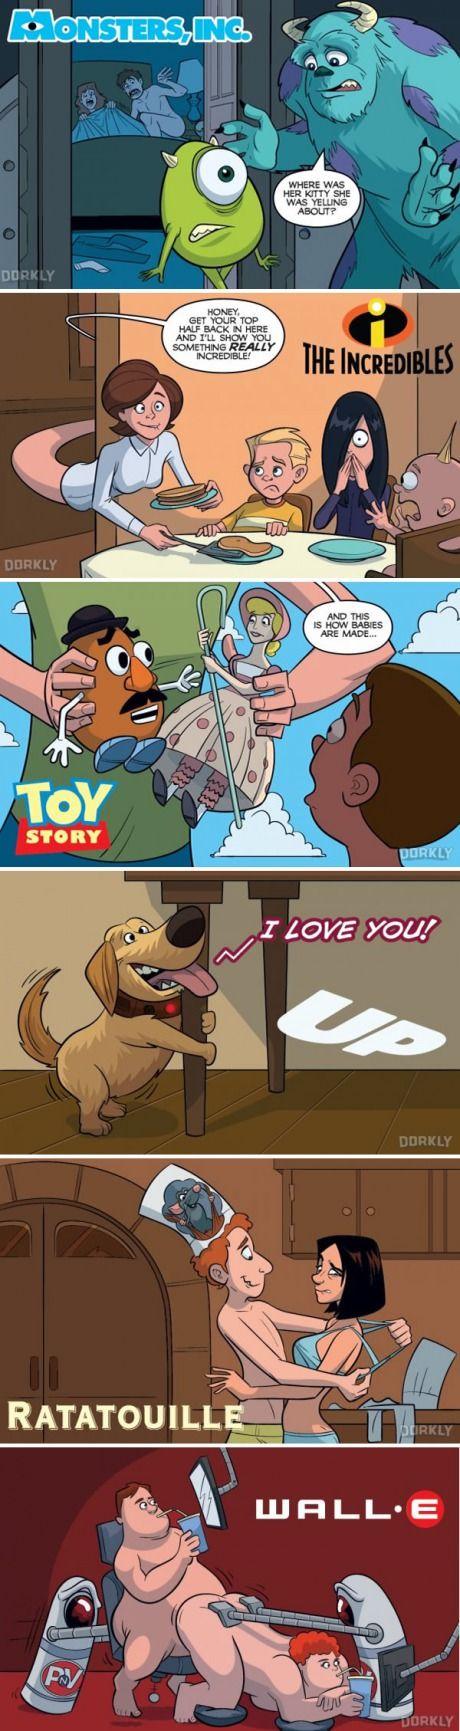 6 escenas que probablemente sucedieron en las películas de Pixar